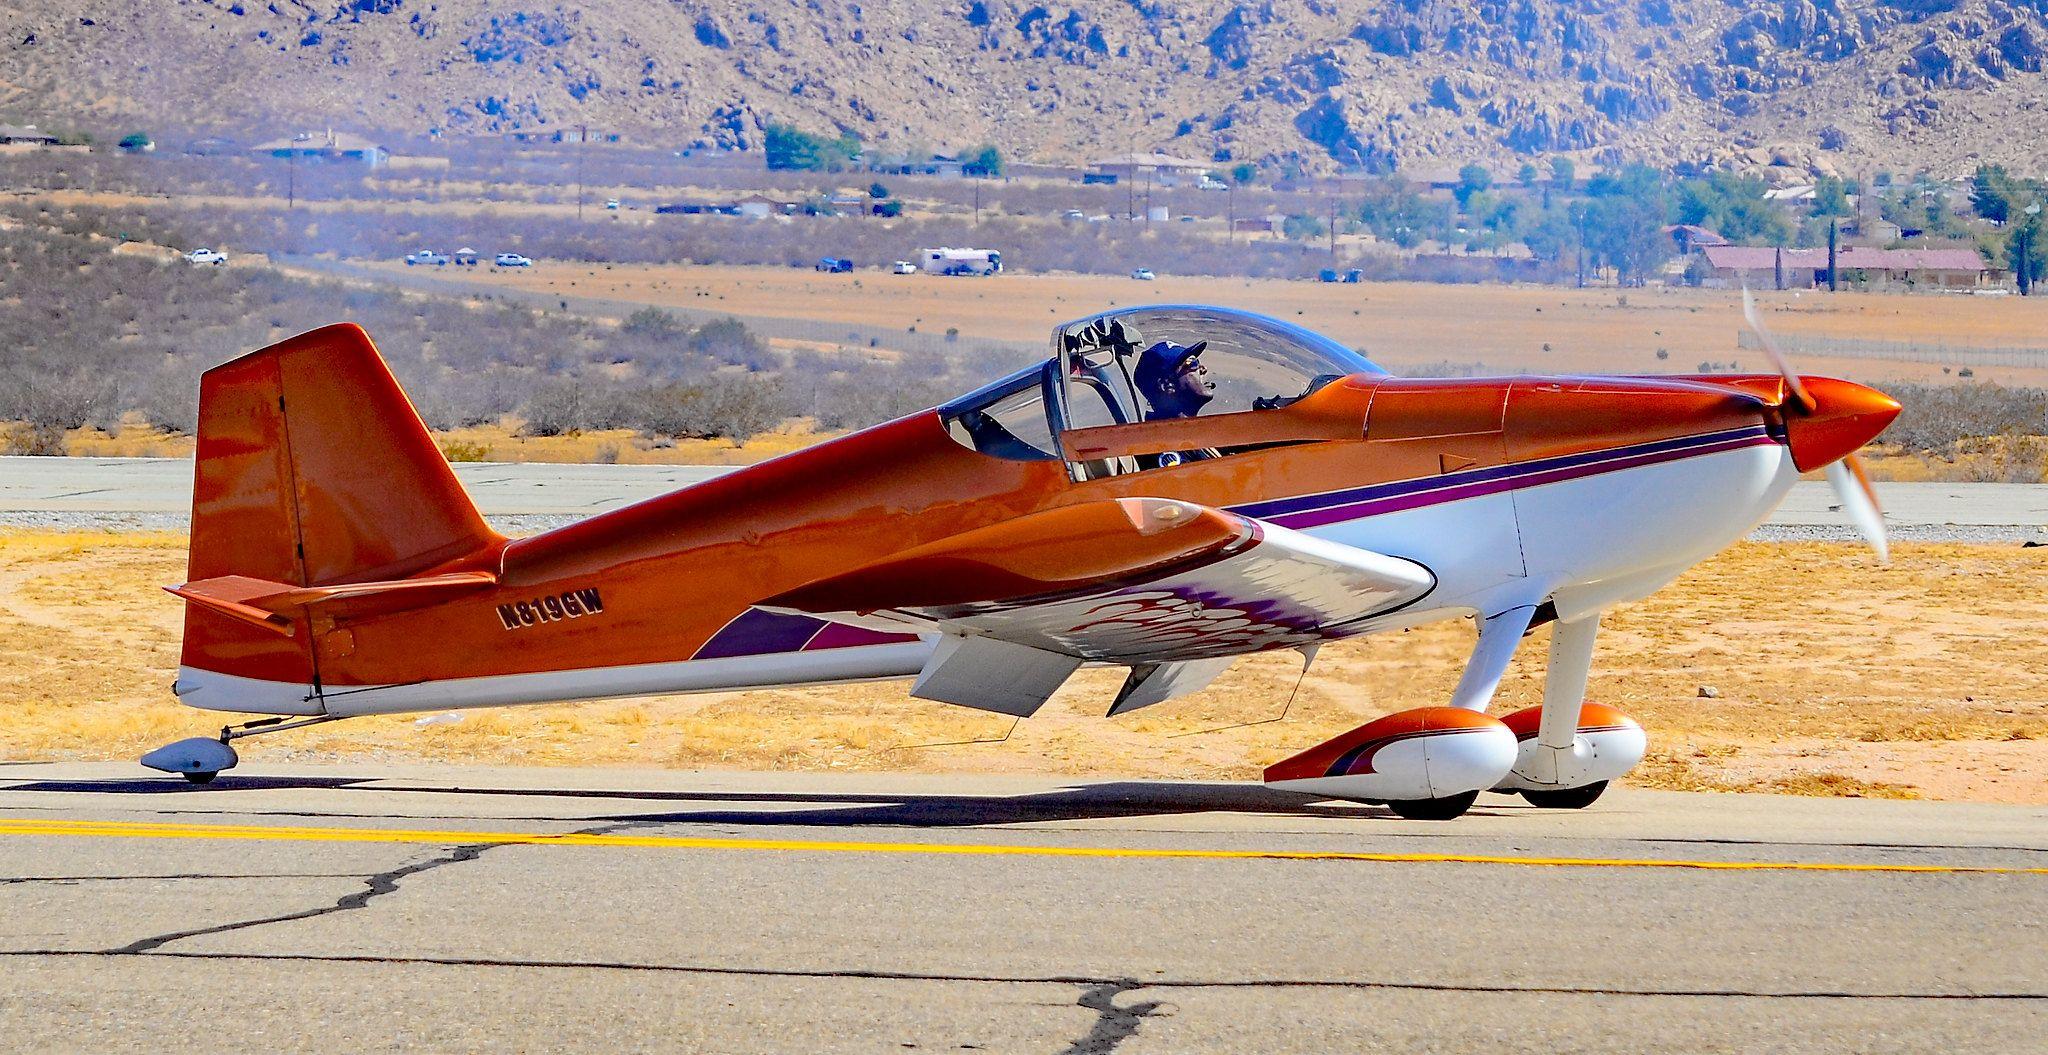 N819GW 2010 WRIGHT GREGORY L RV6 s/n 00GW1 Air show